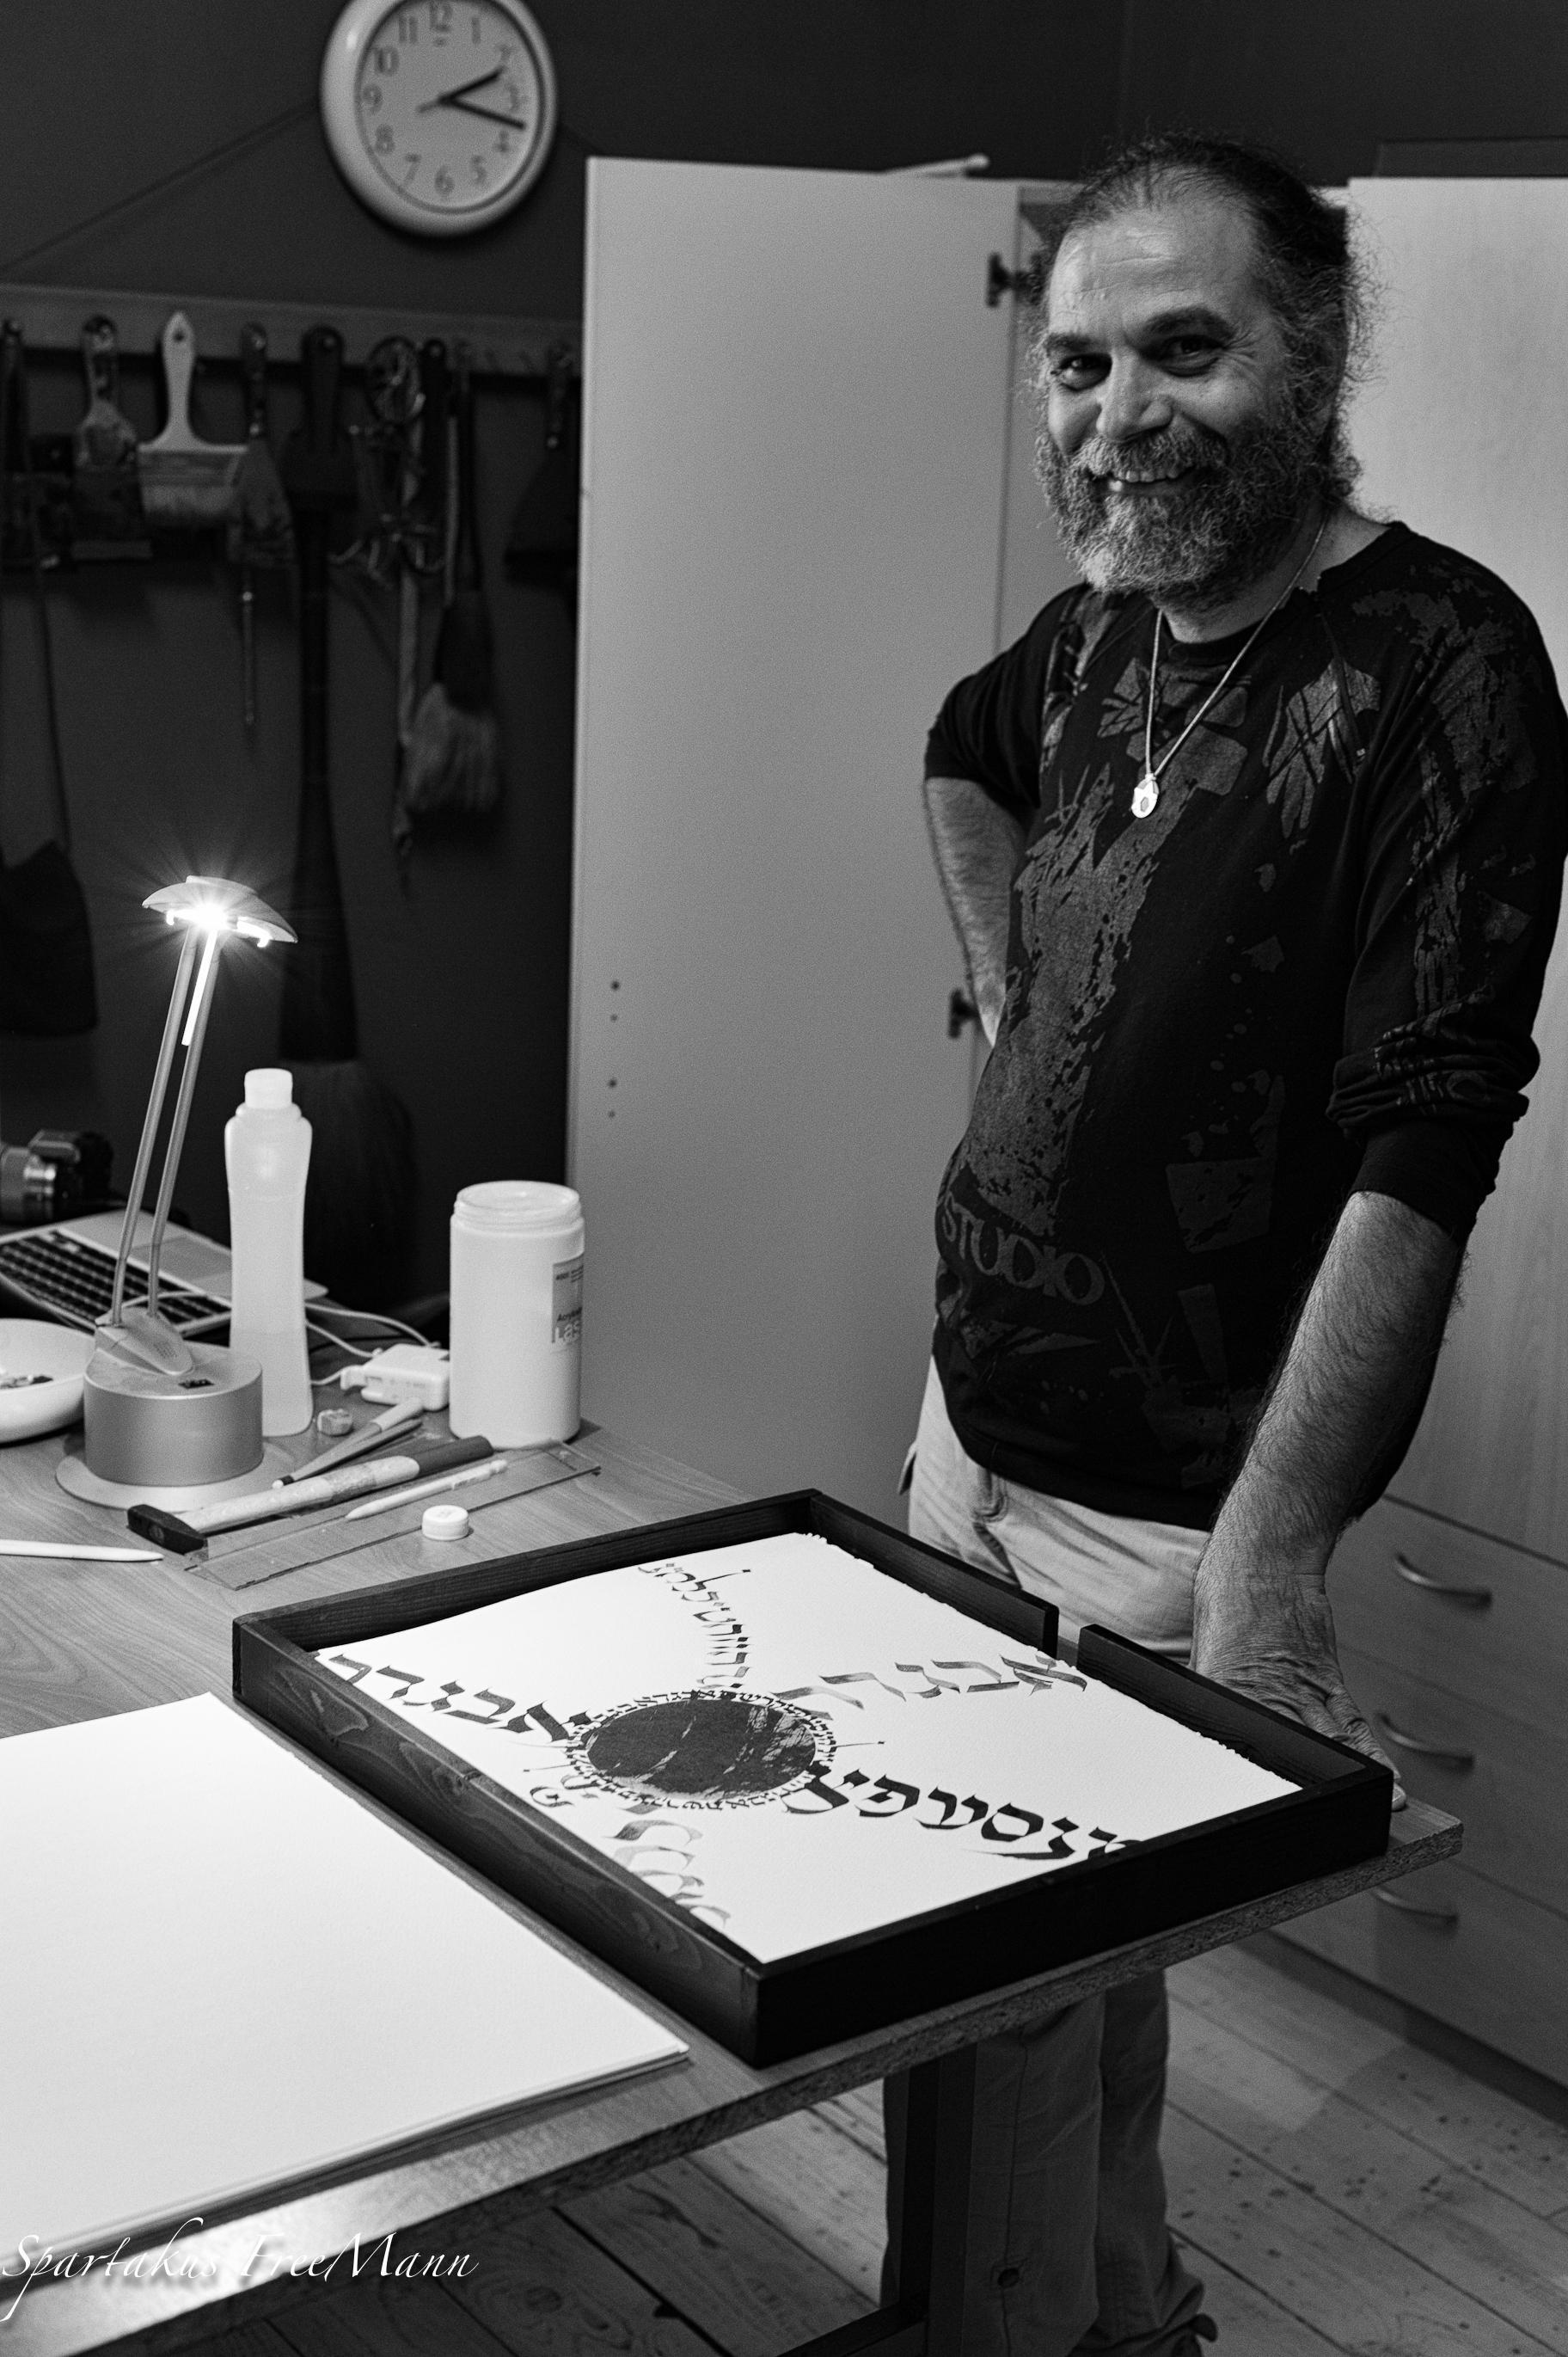 Frank Lalou dans son atelier - Sepher Yetsirah par Frank Lalou